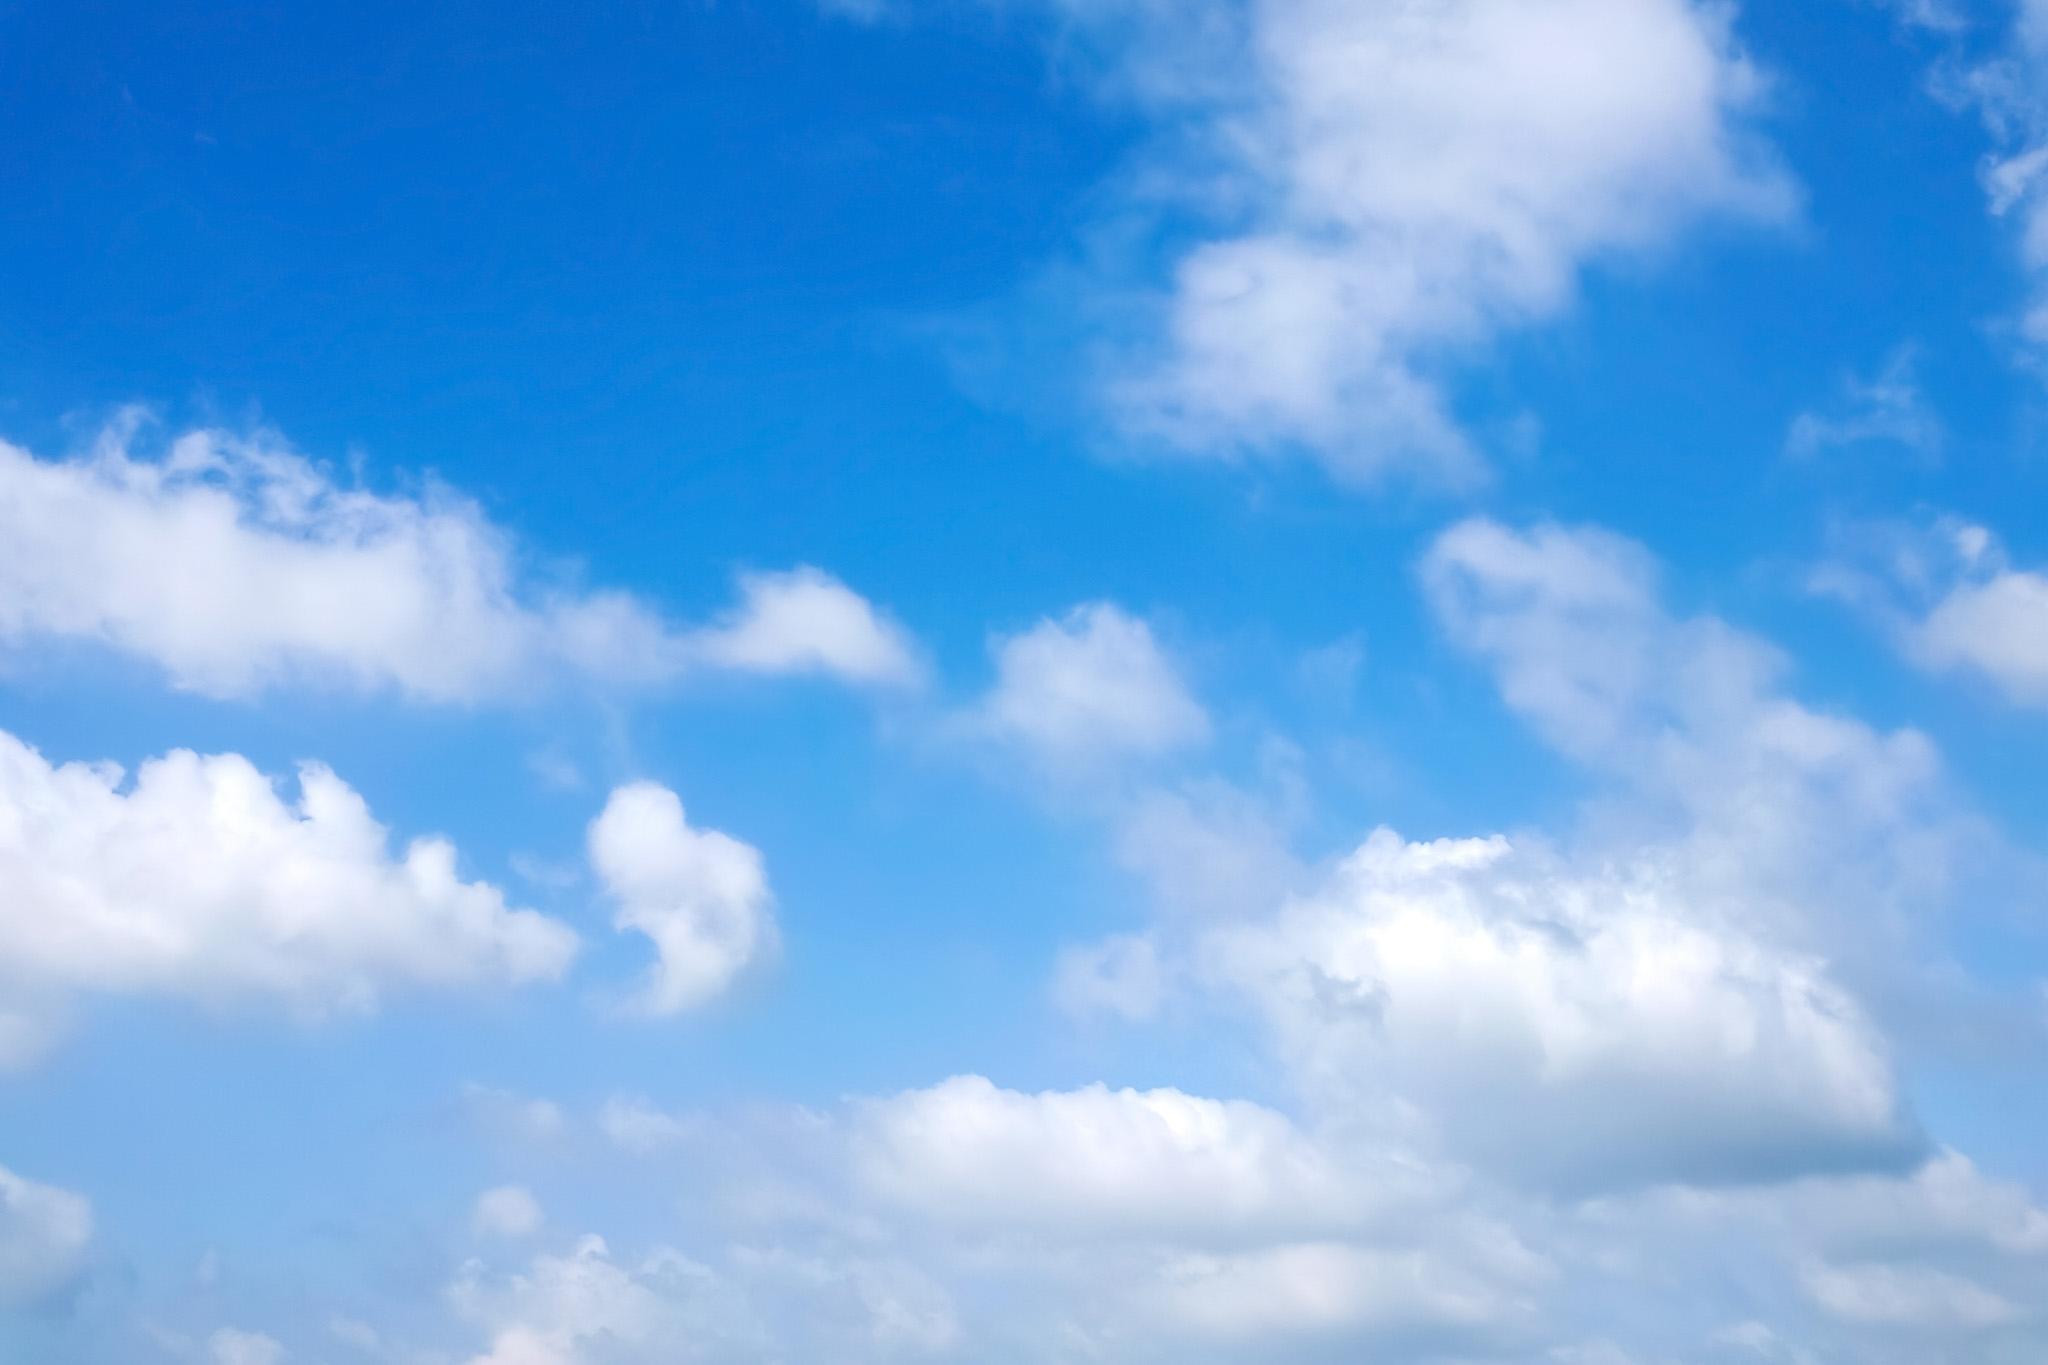 「白雲と青空のグラデーション」の写真素材を無料ダウンロード